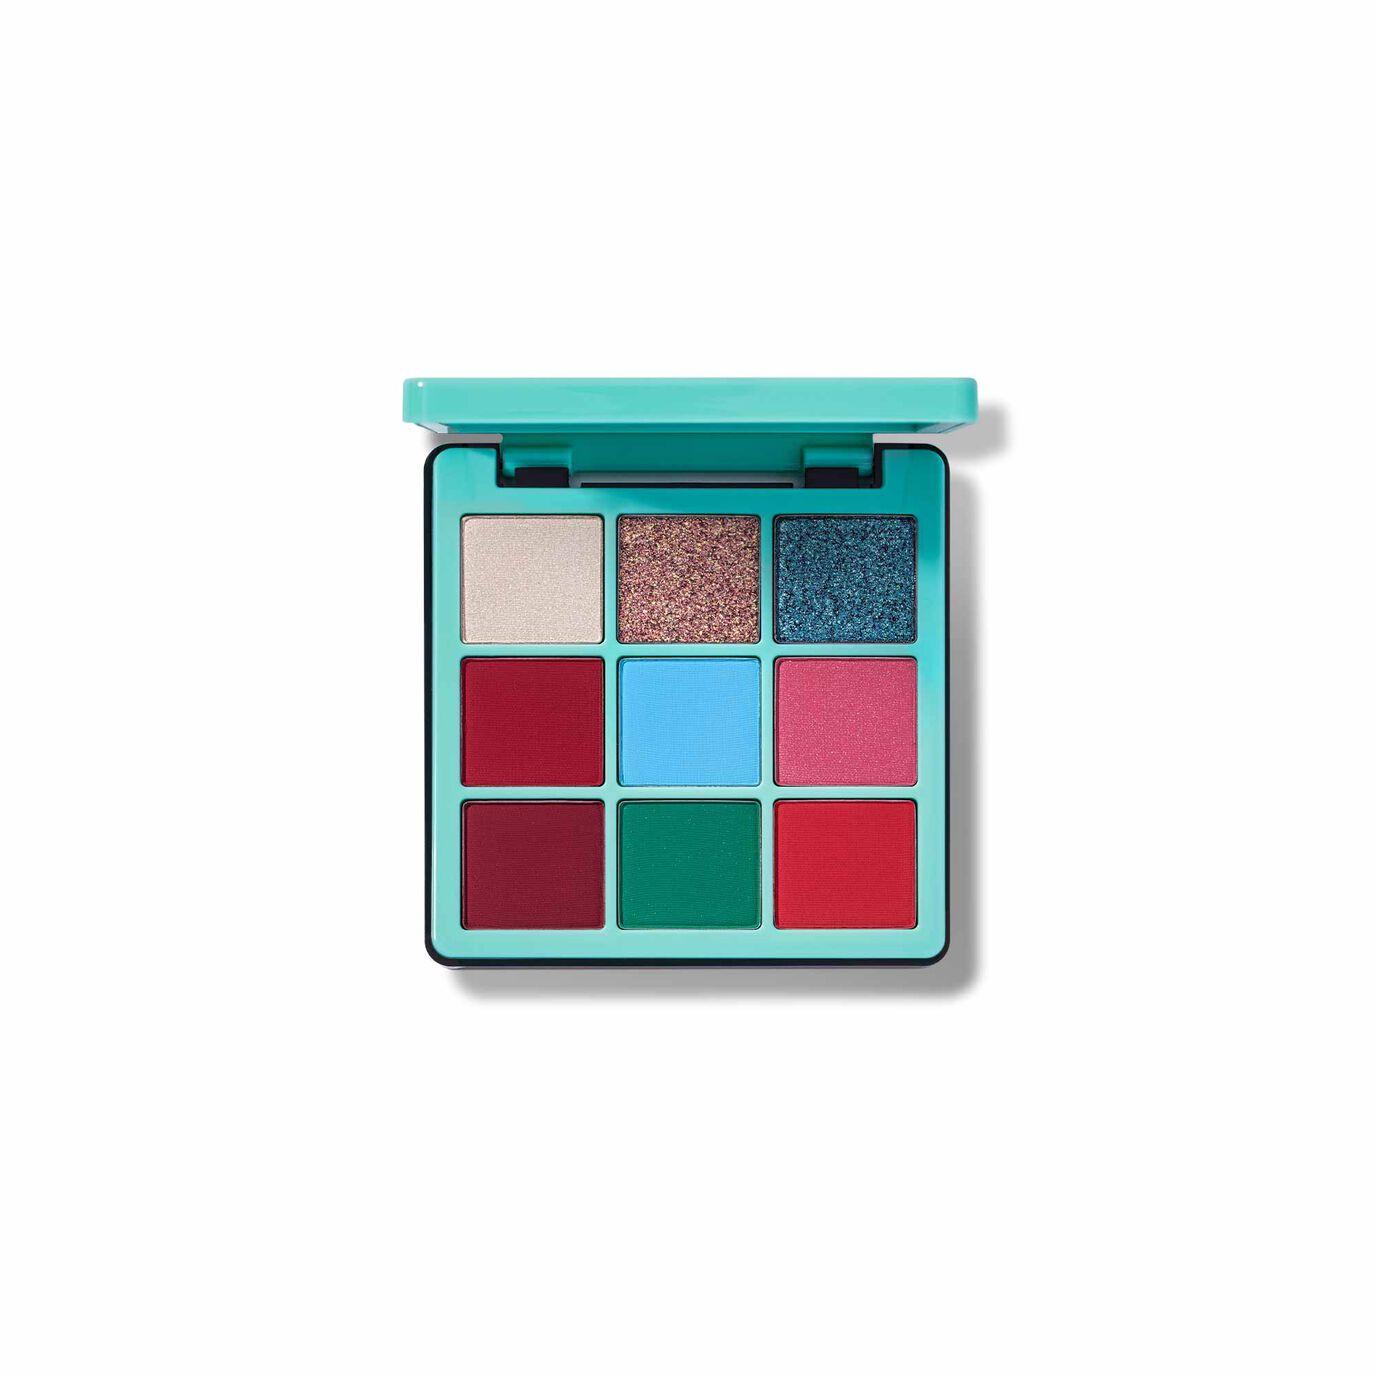 Anastasia Beverly Hills - Mini NORVINA® Pro Pigment Palette Vol. 3